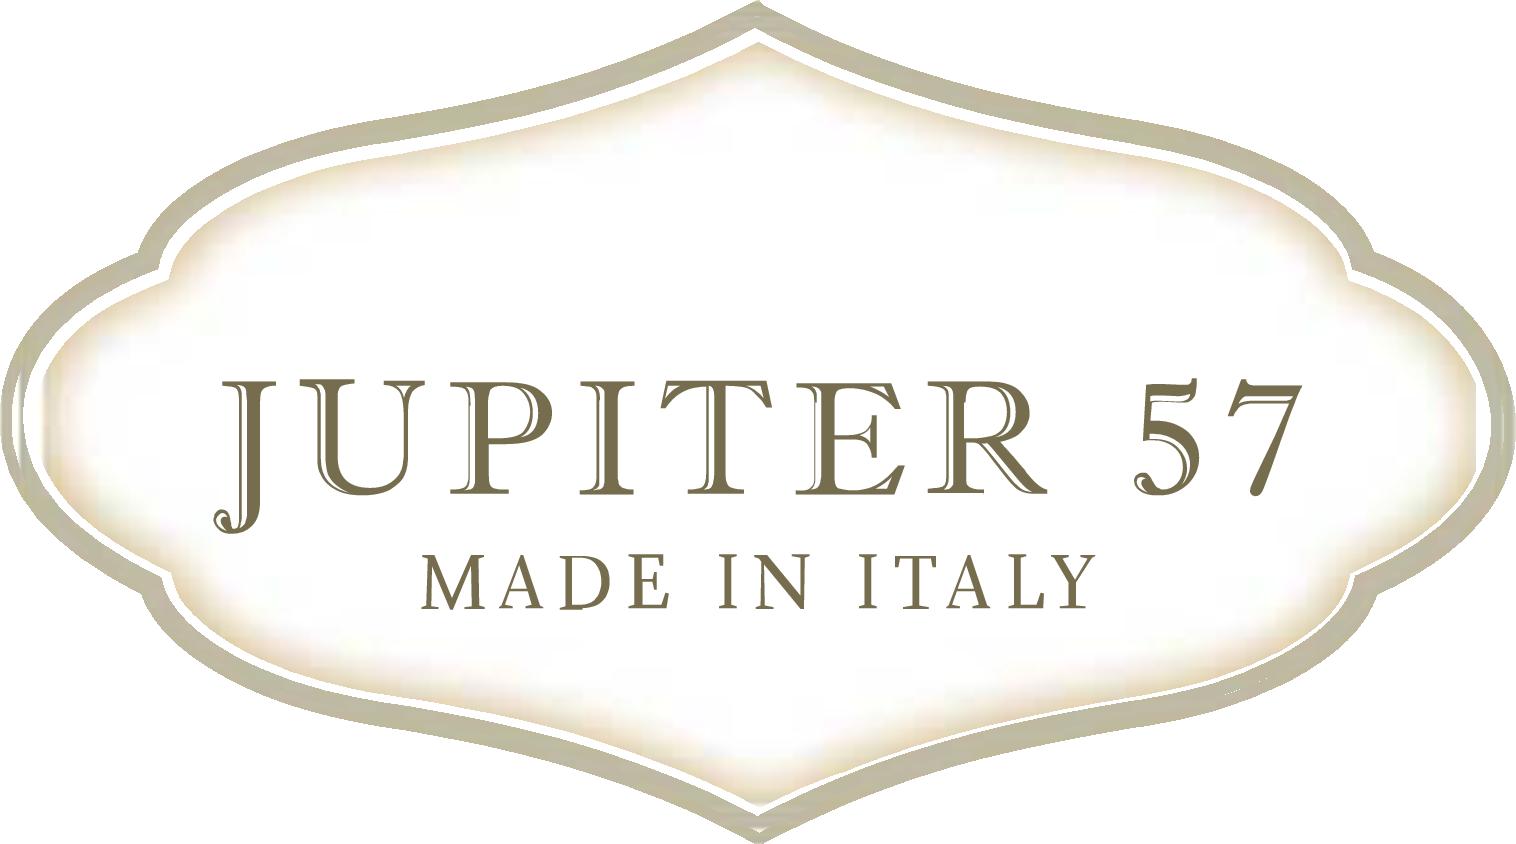 JUPITER 57 LOGO.png